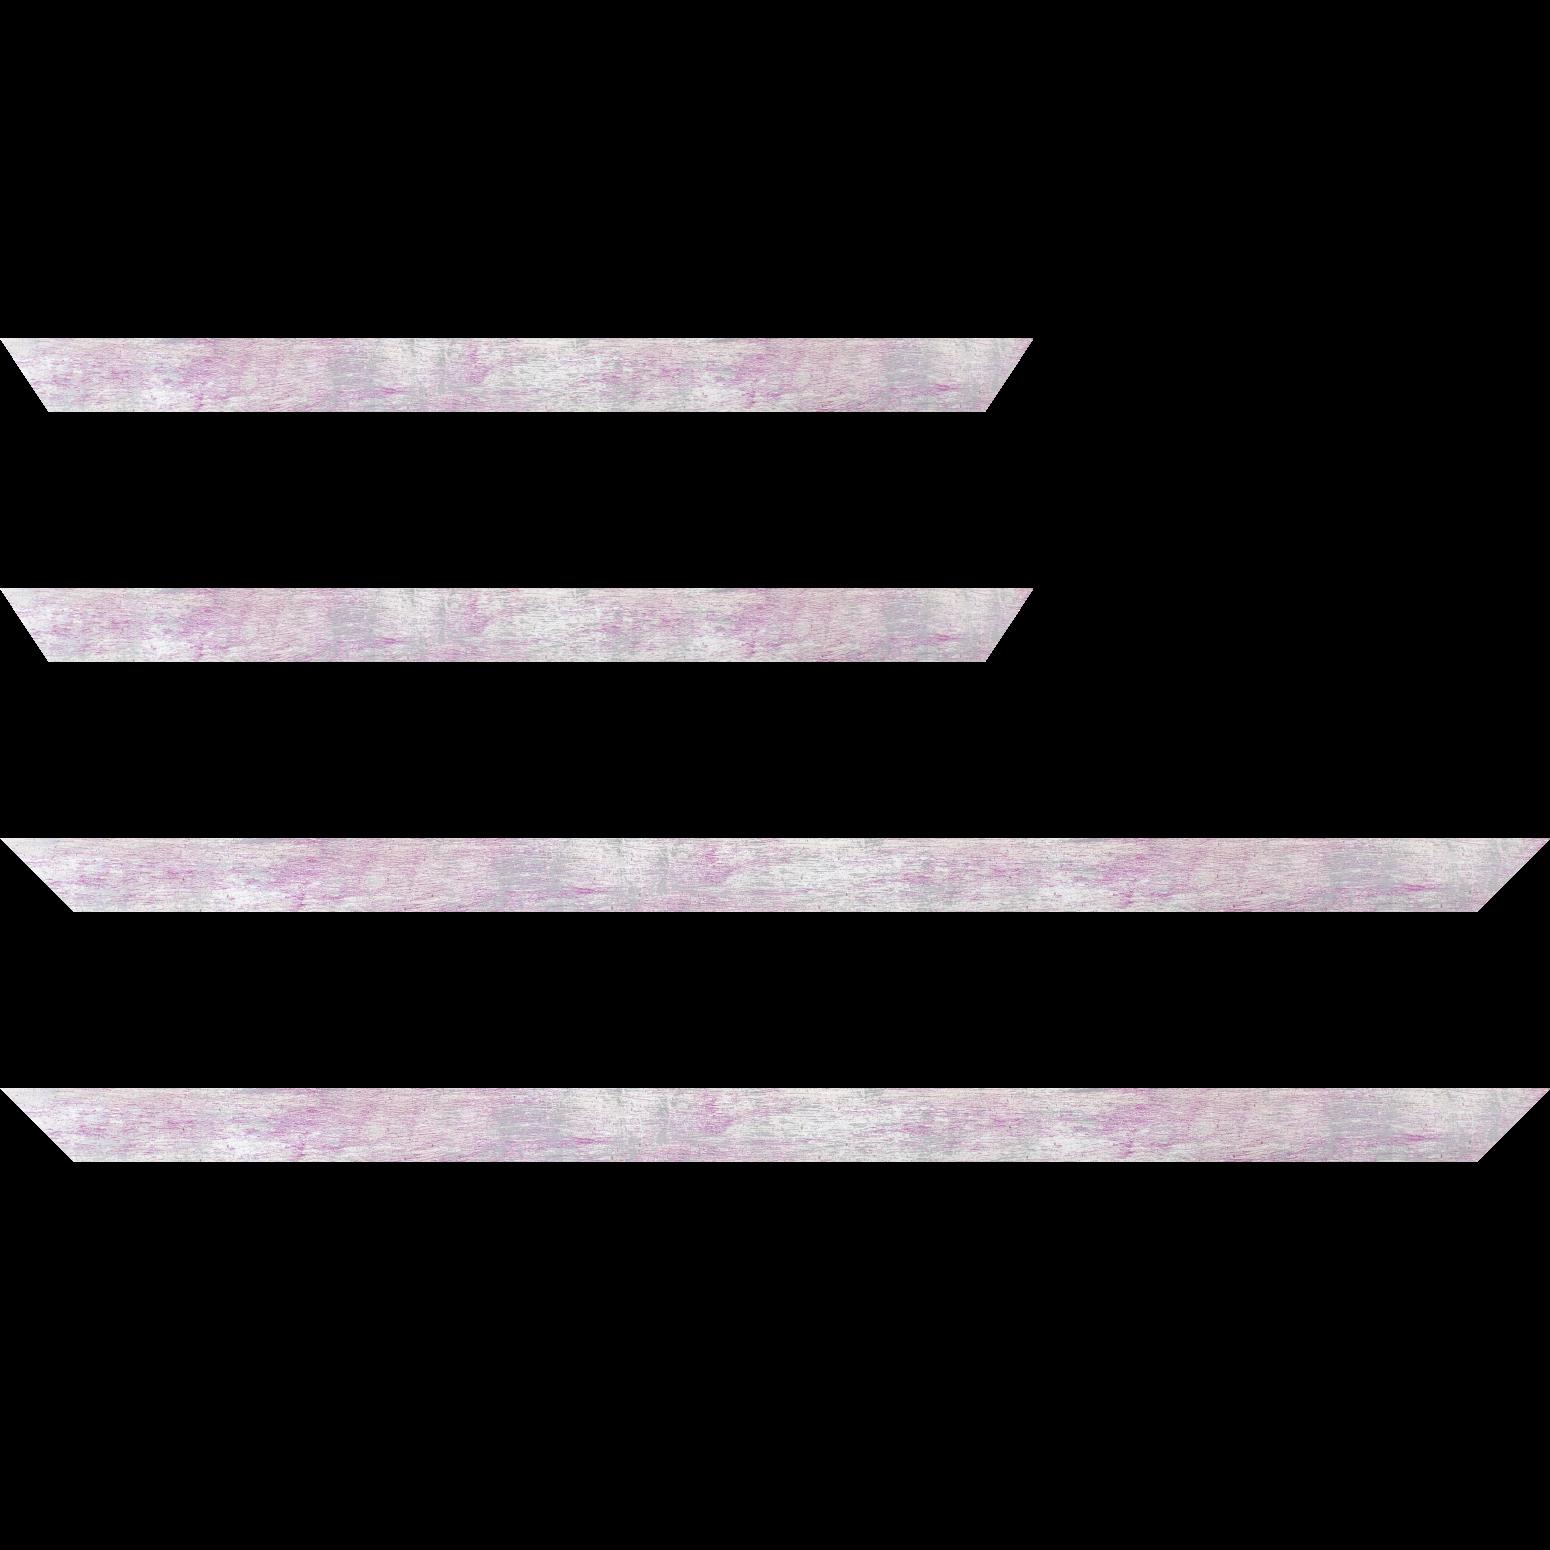 Baguette service précoupé Bois profil concave largeur 2.4cm de couleur lila pale fond argent